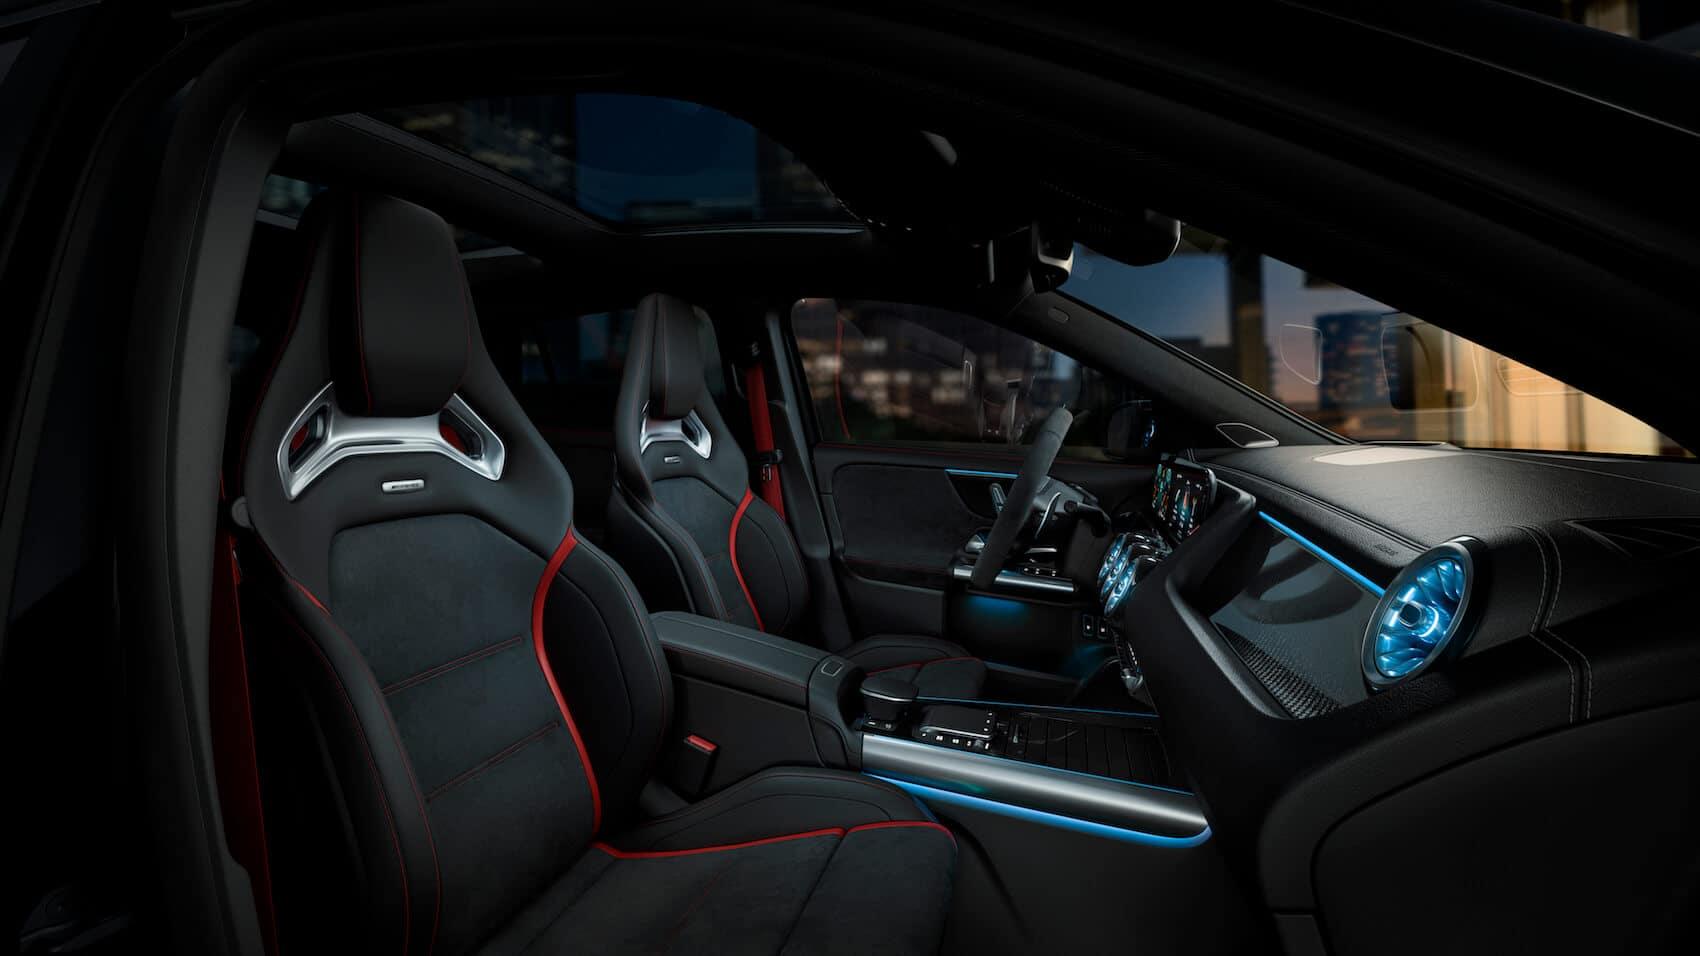 2021 Mercedes-Benz GLA interior Albany, GA